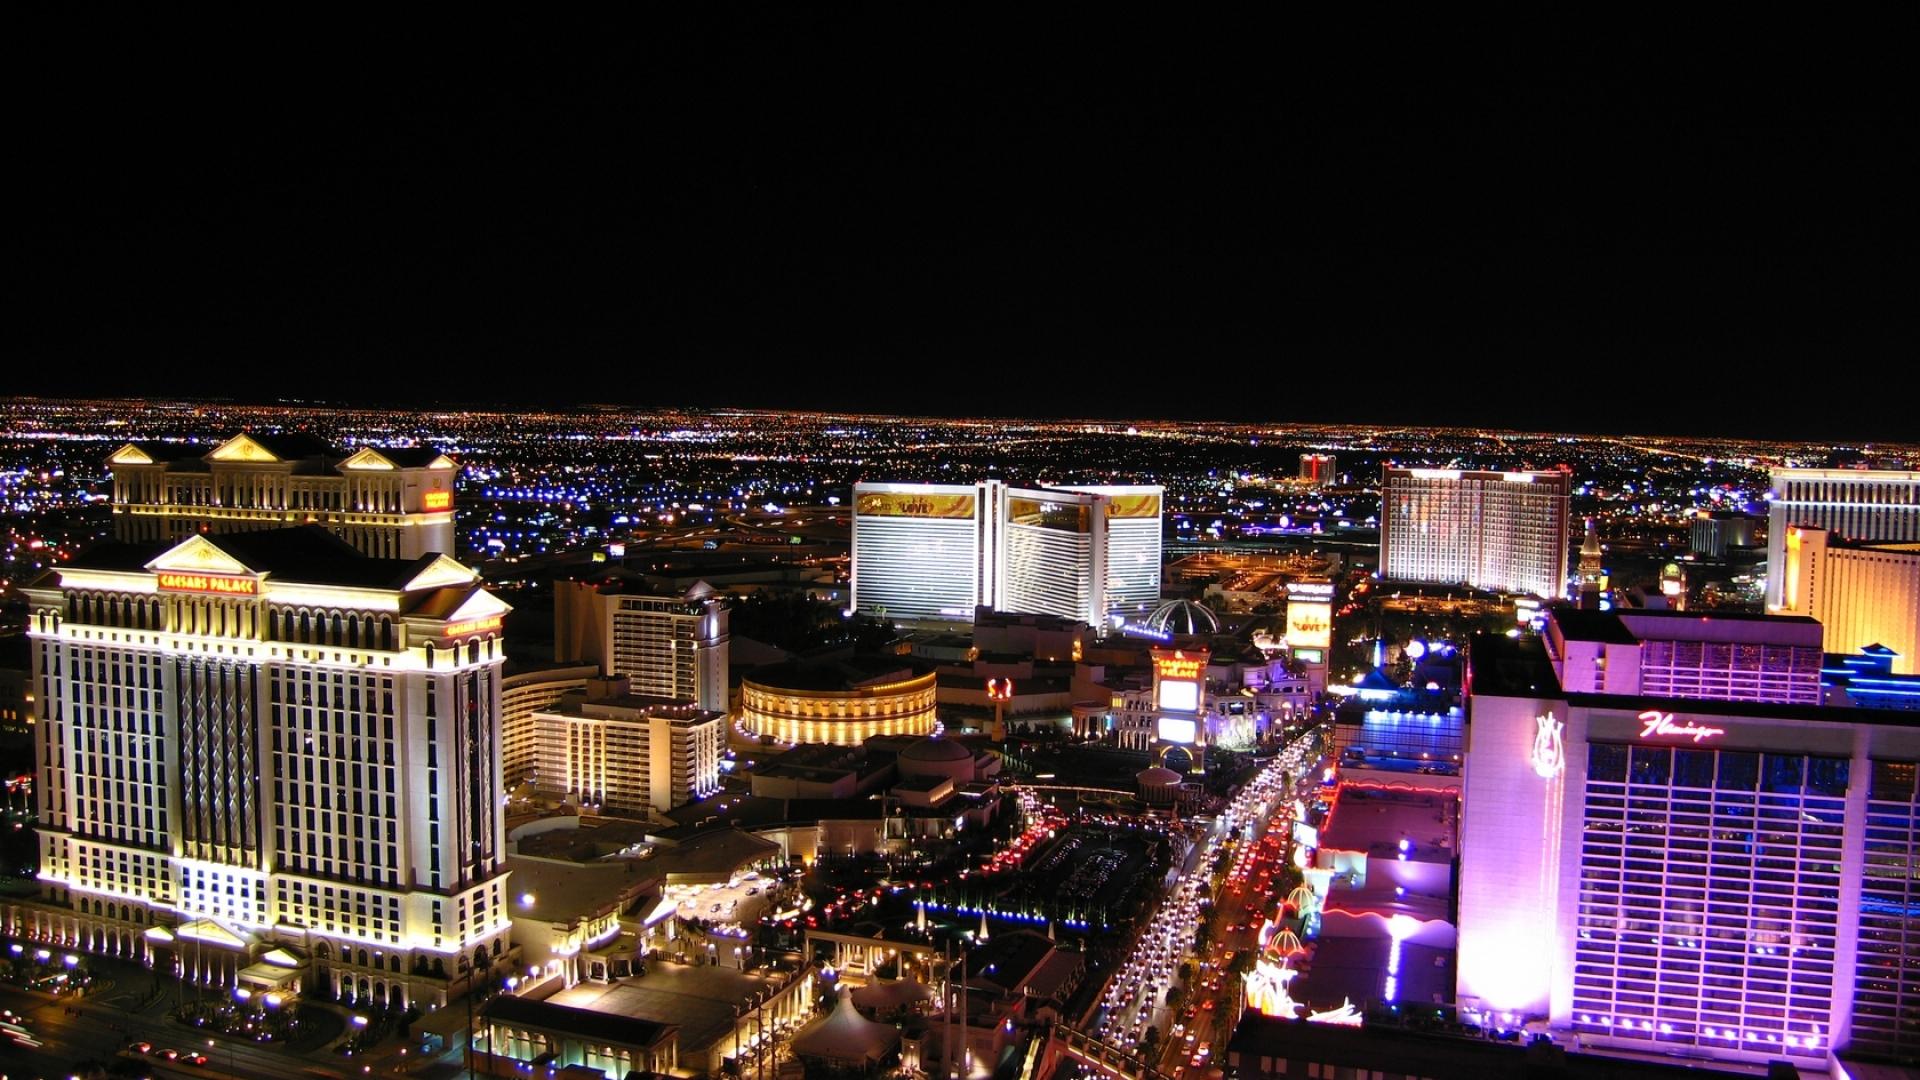 Las Vegas Strip Desktop Wallpaper 61473 1920x1080px 1920x1080